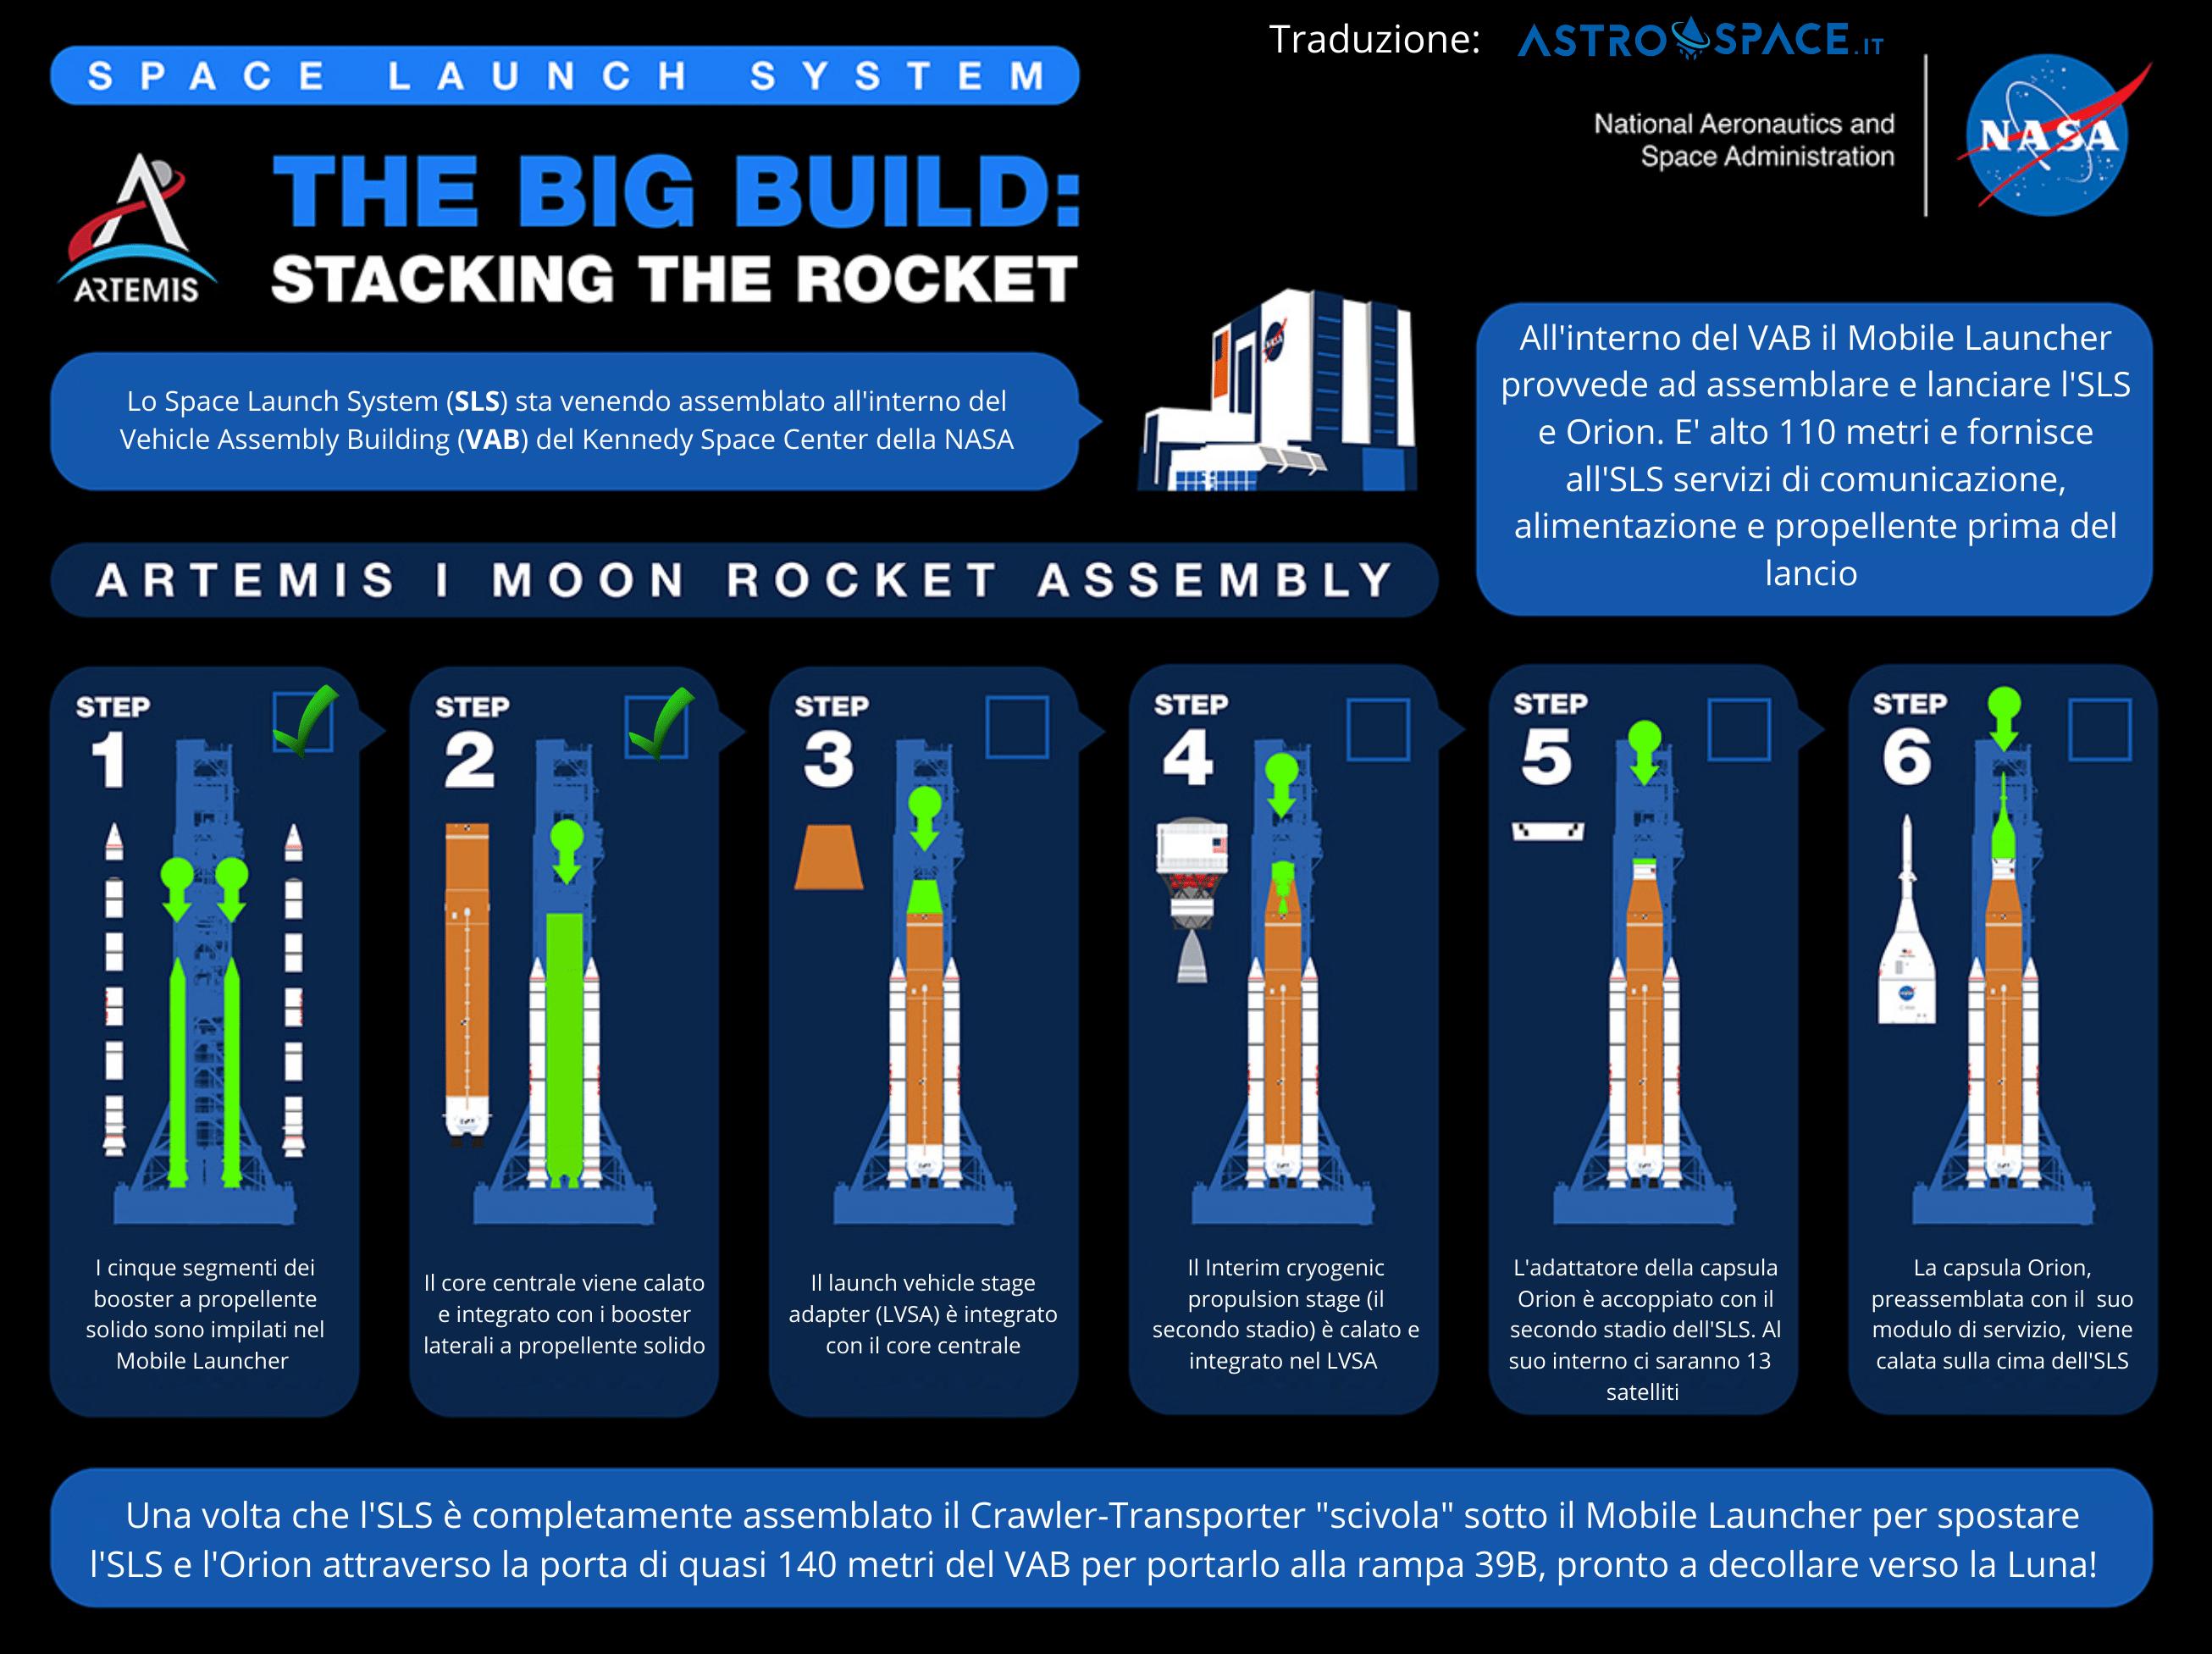 I vari Step dell'assemblaggio del vettore SLS. Credits: NASA. Traduzione: Astrospace.it